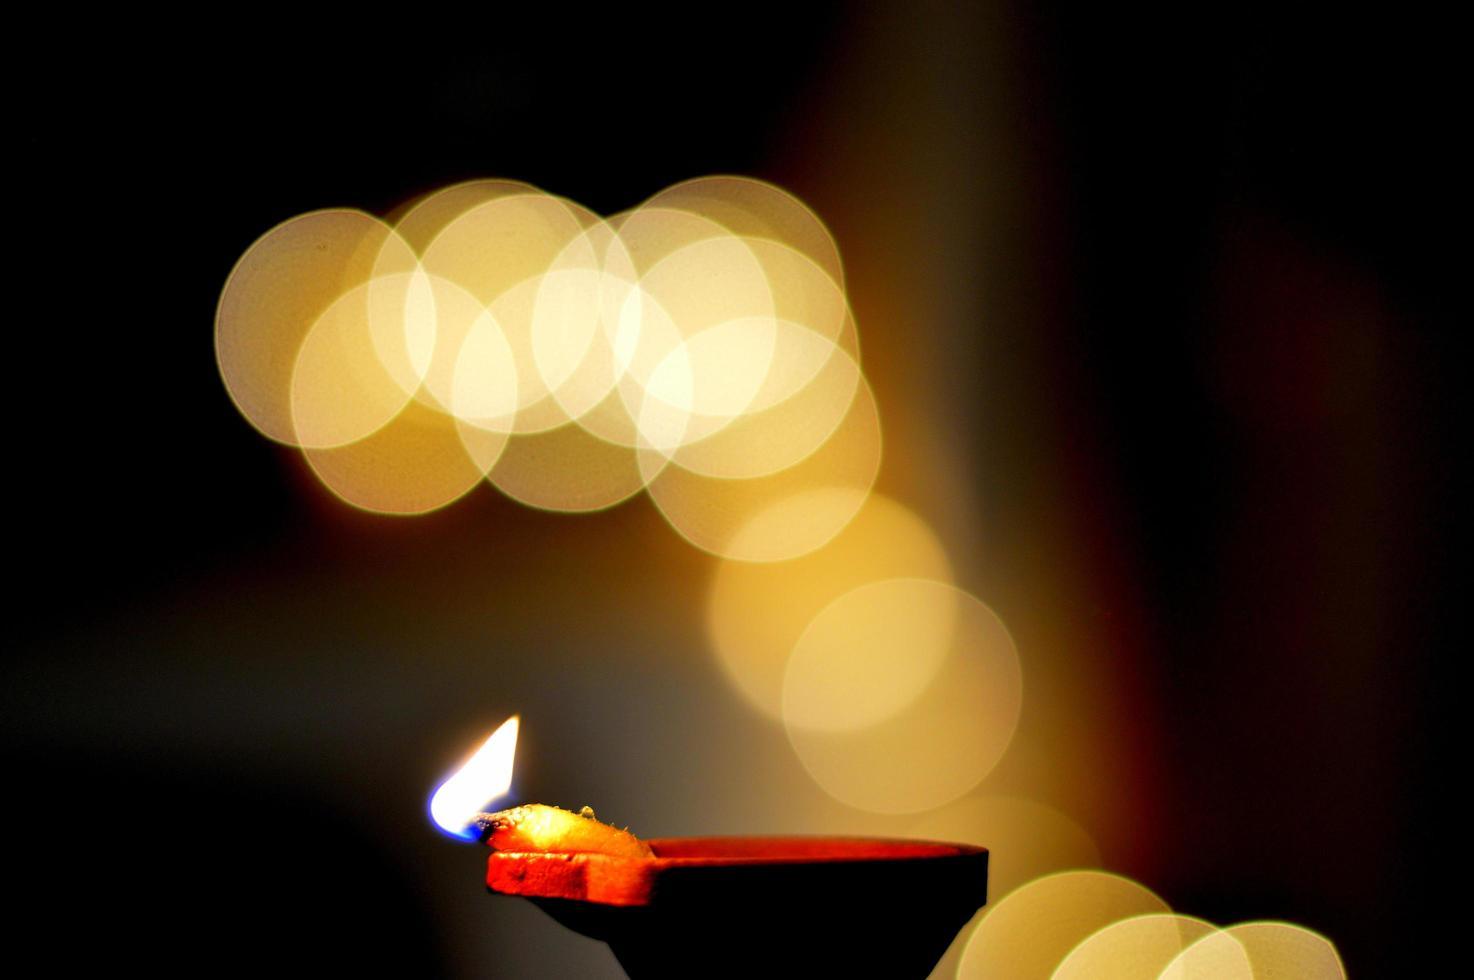 photographie bokeh de lumières photo